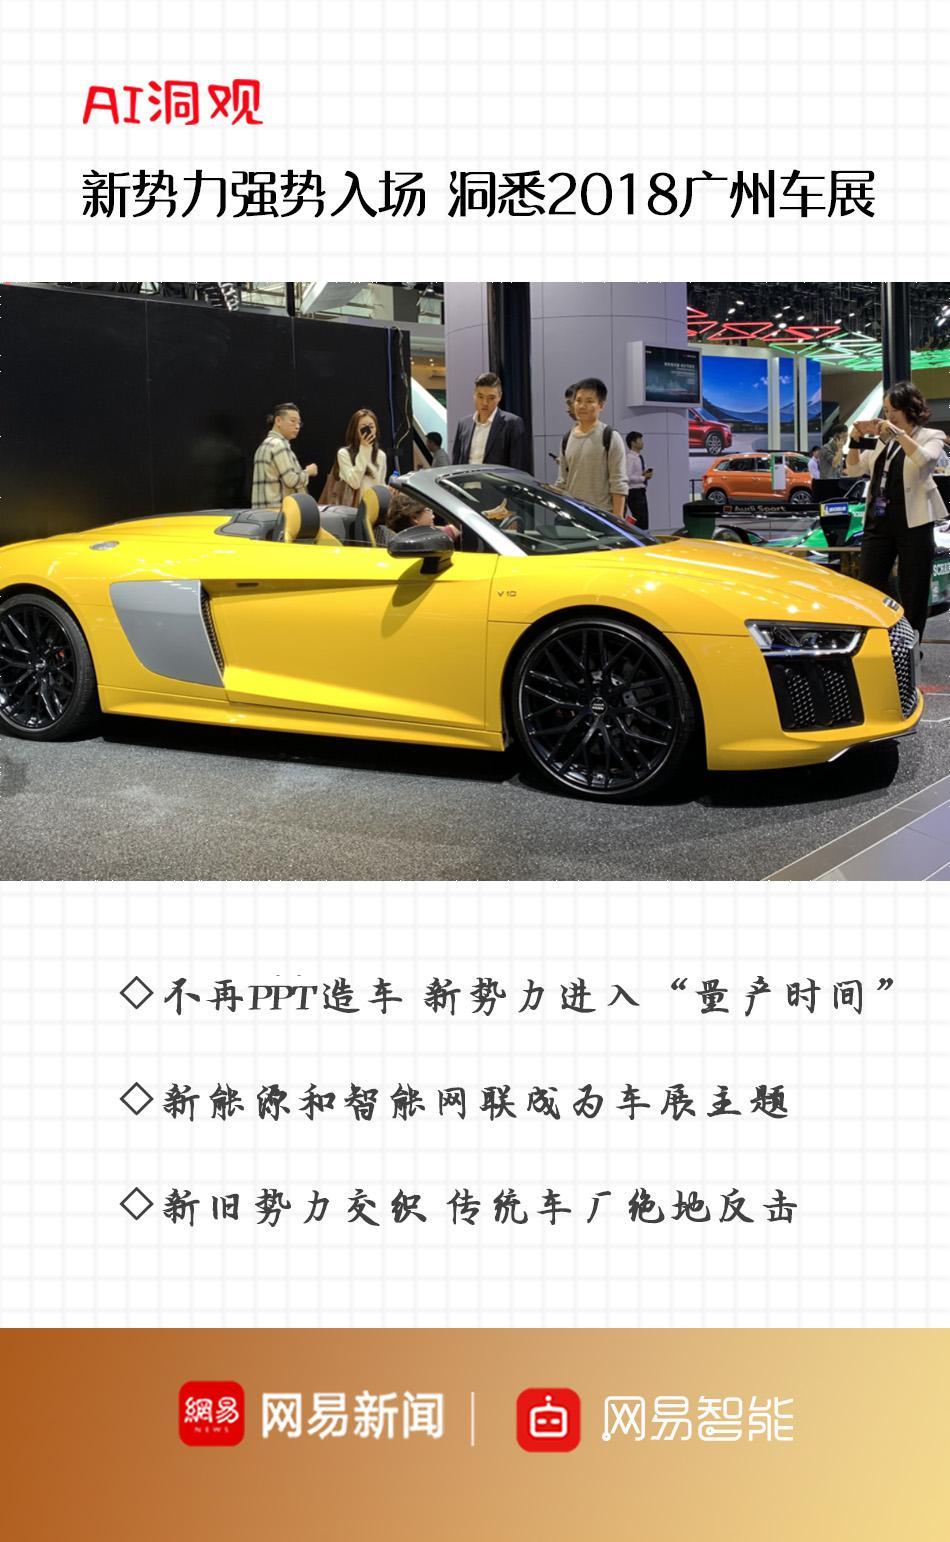 AI洞观   新势力强势入场 洞悉2018广州车展